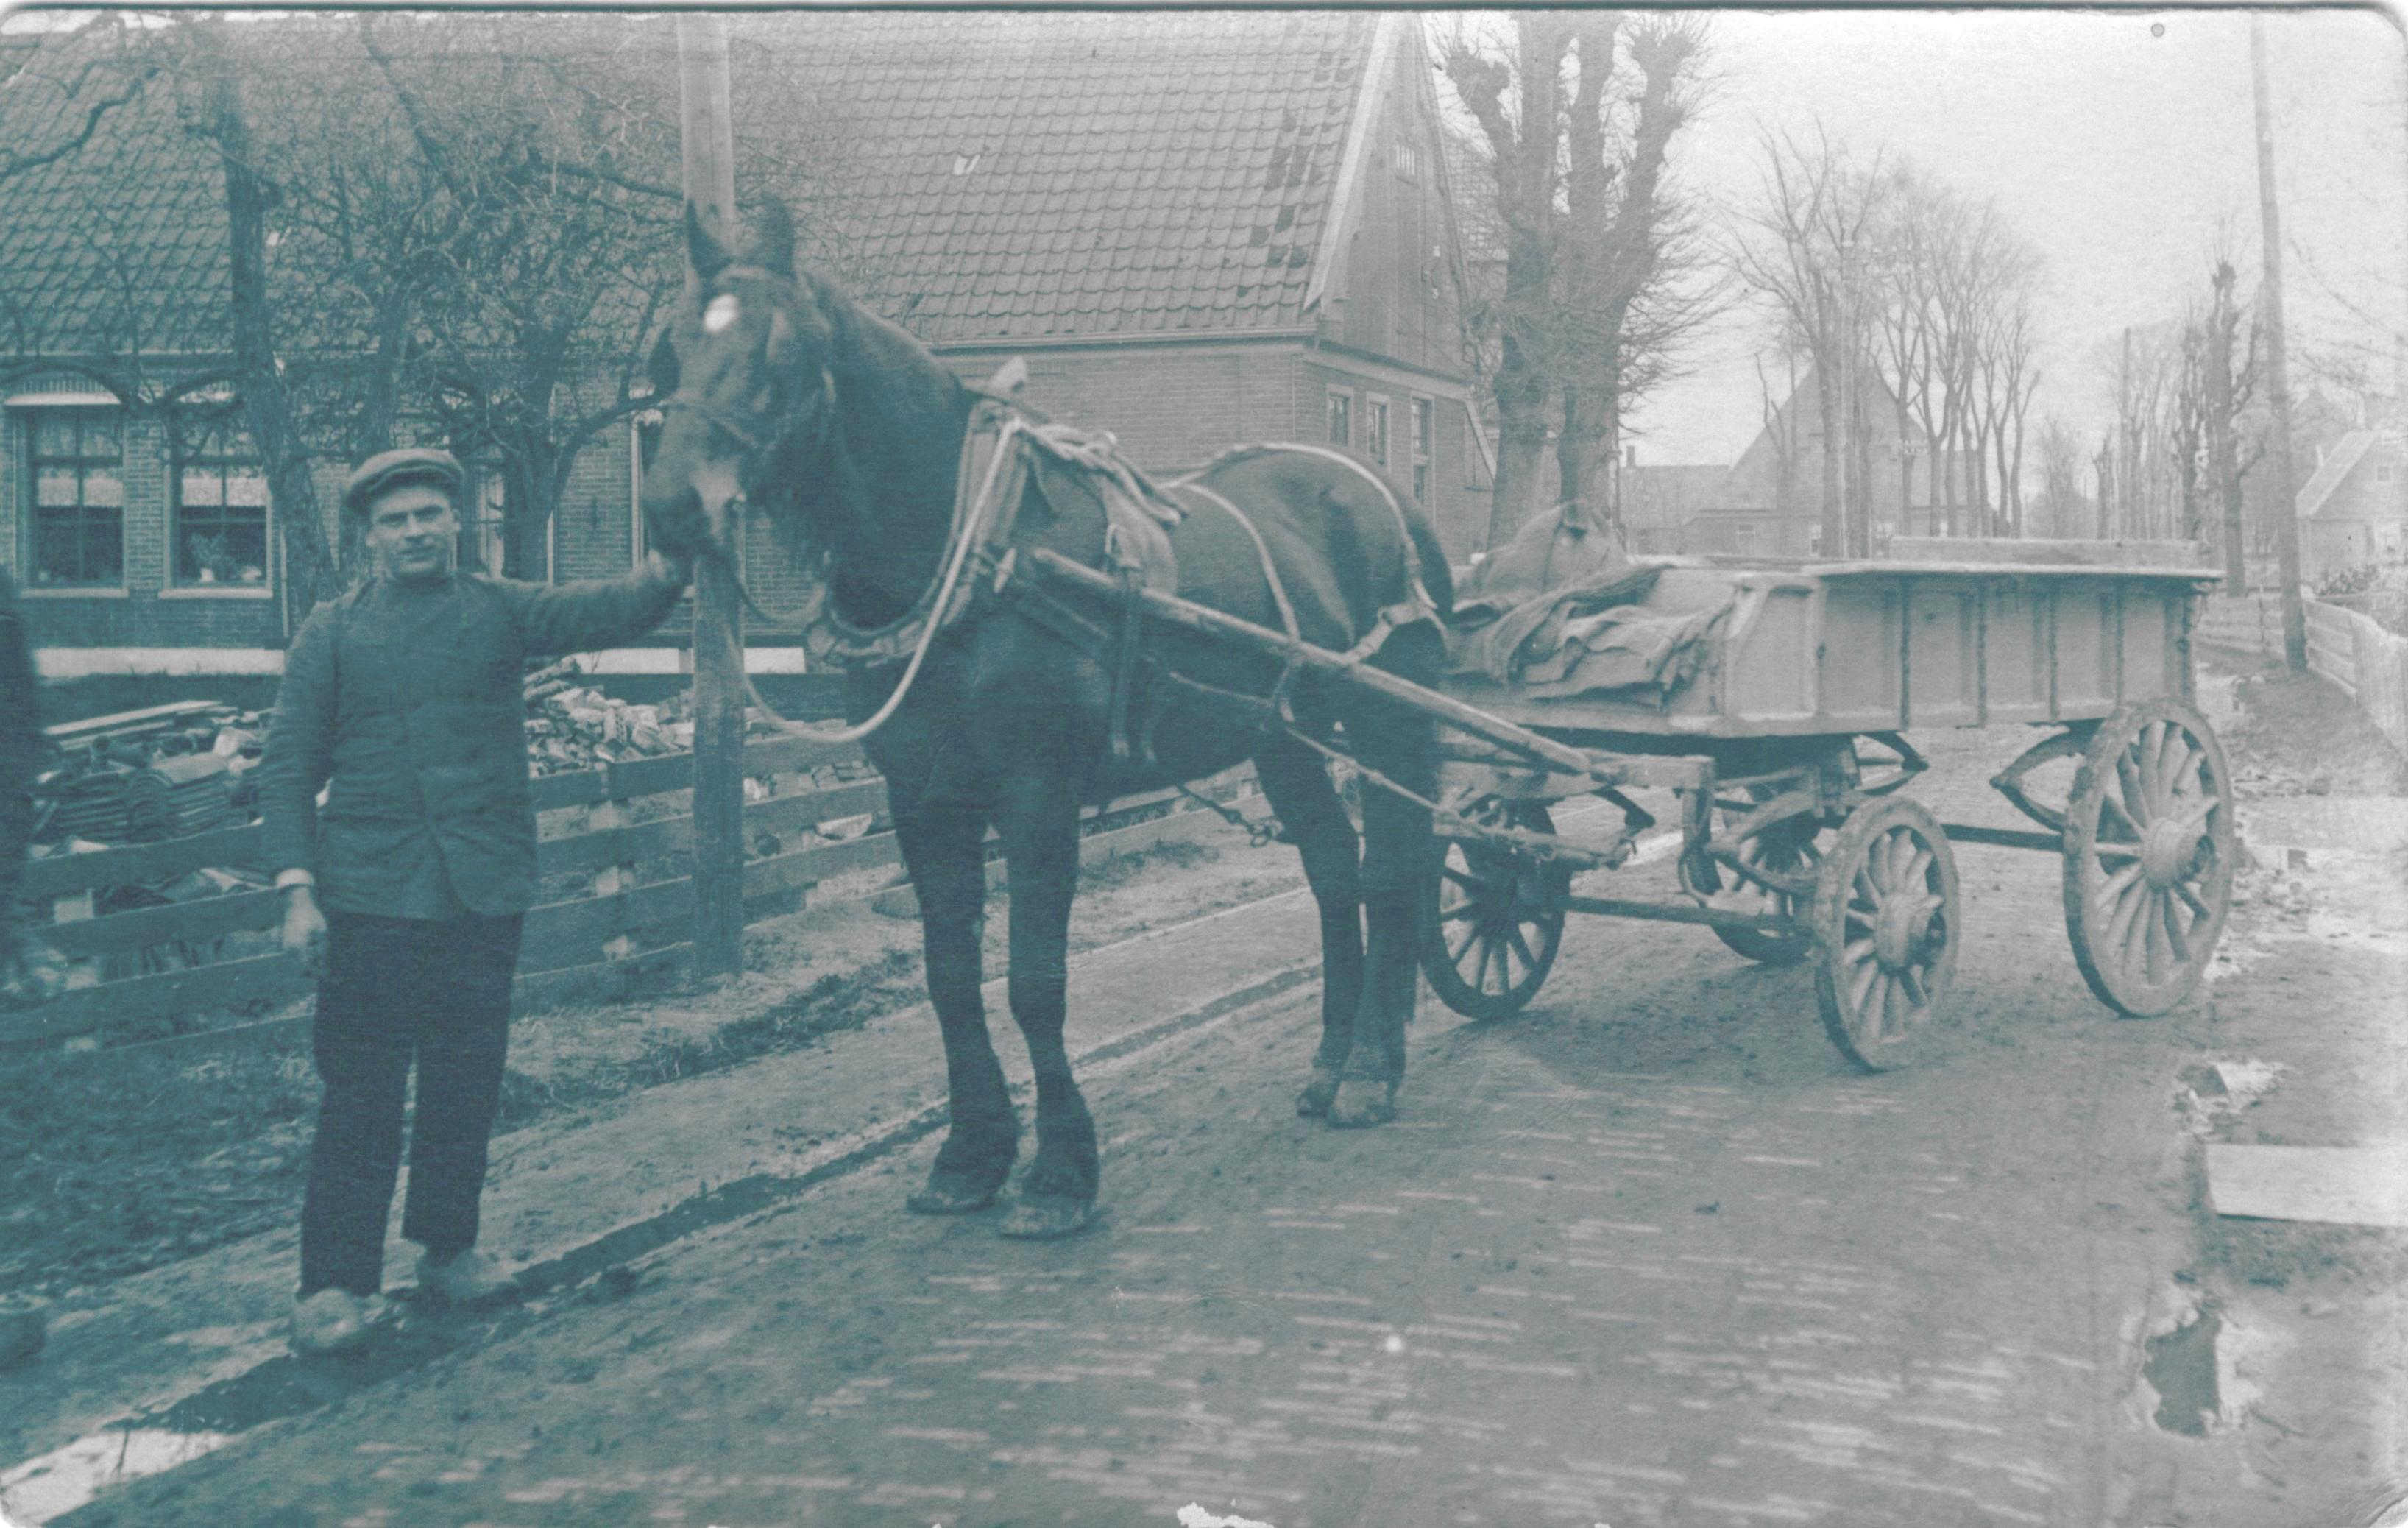 Transportbedrijf Oud in 1912